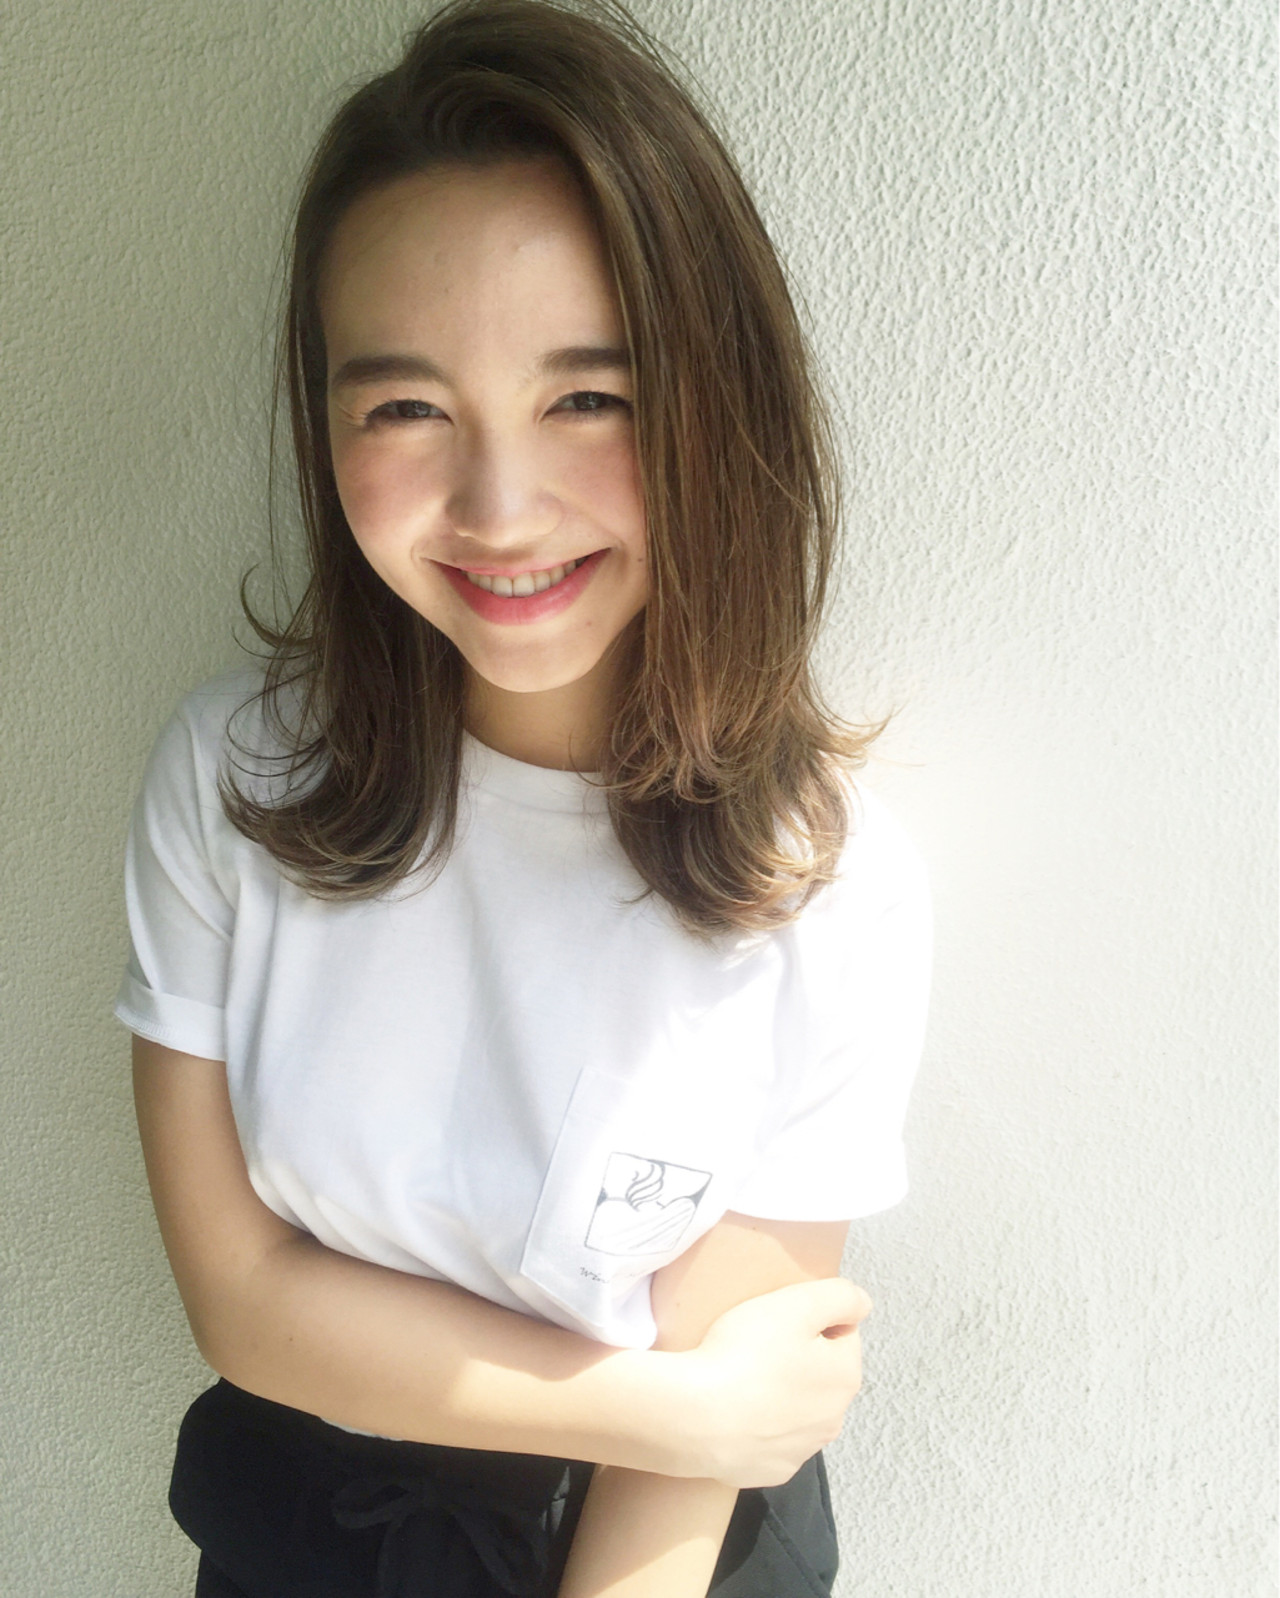 前髪あり ハイライト 外国人風 かき上げ前髪 ヘアスタイルや髪型の写真・画像 | OYAMA KENICHI / BALLOON HAIR